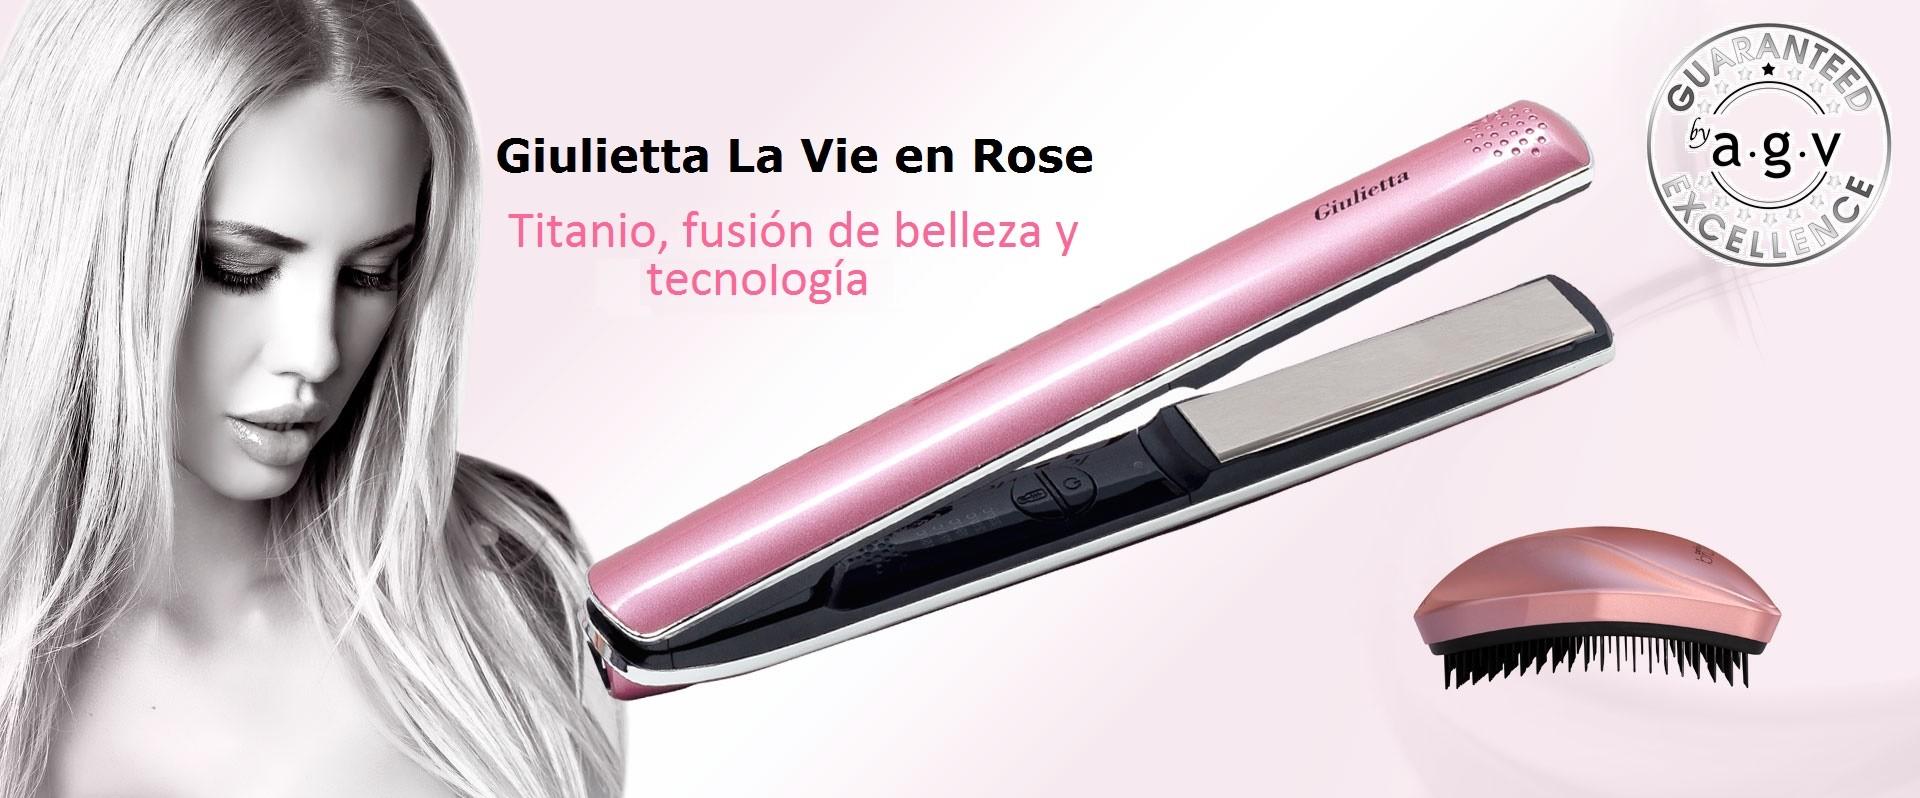 Nueva Plancha GIULIETTA LA VIE EN ROSE by agv, fusión de elegancia y tecnología